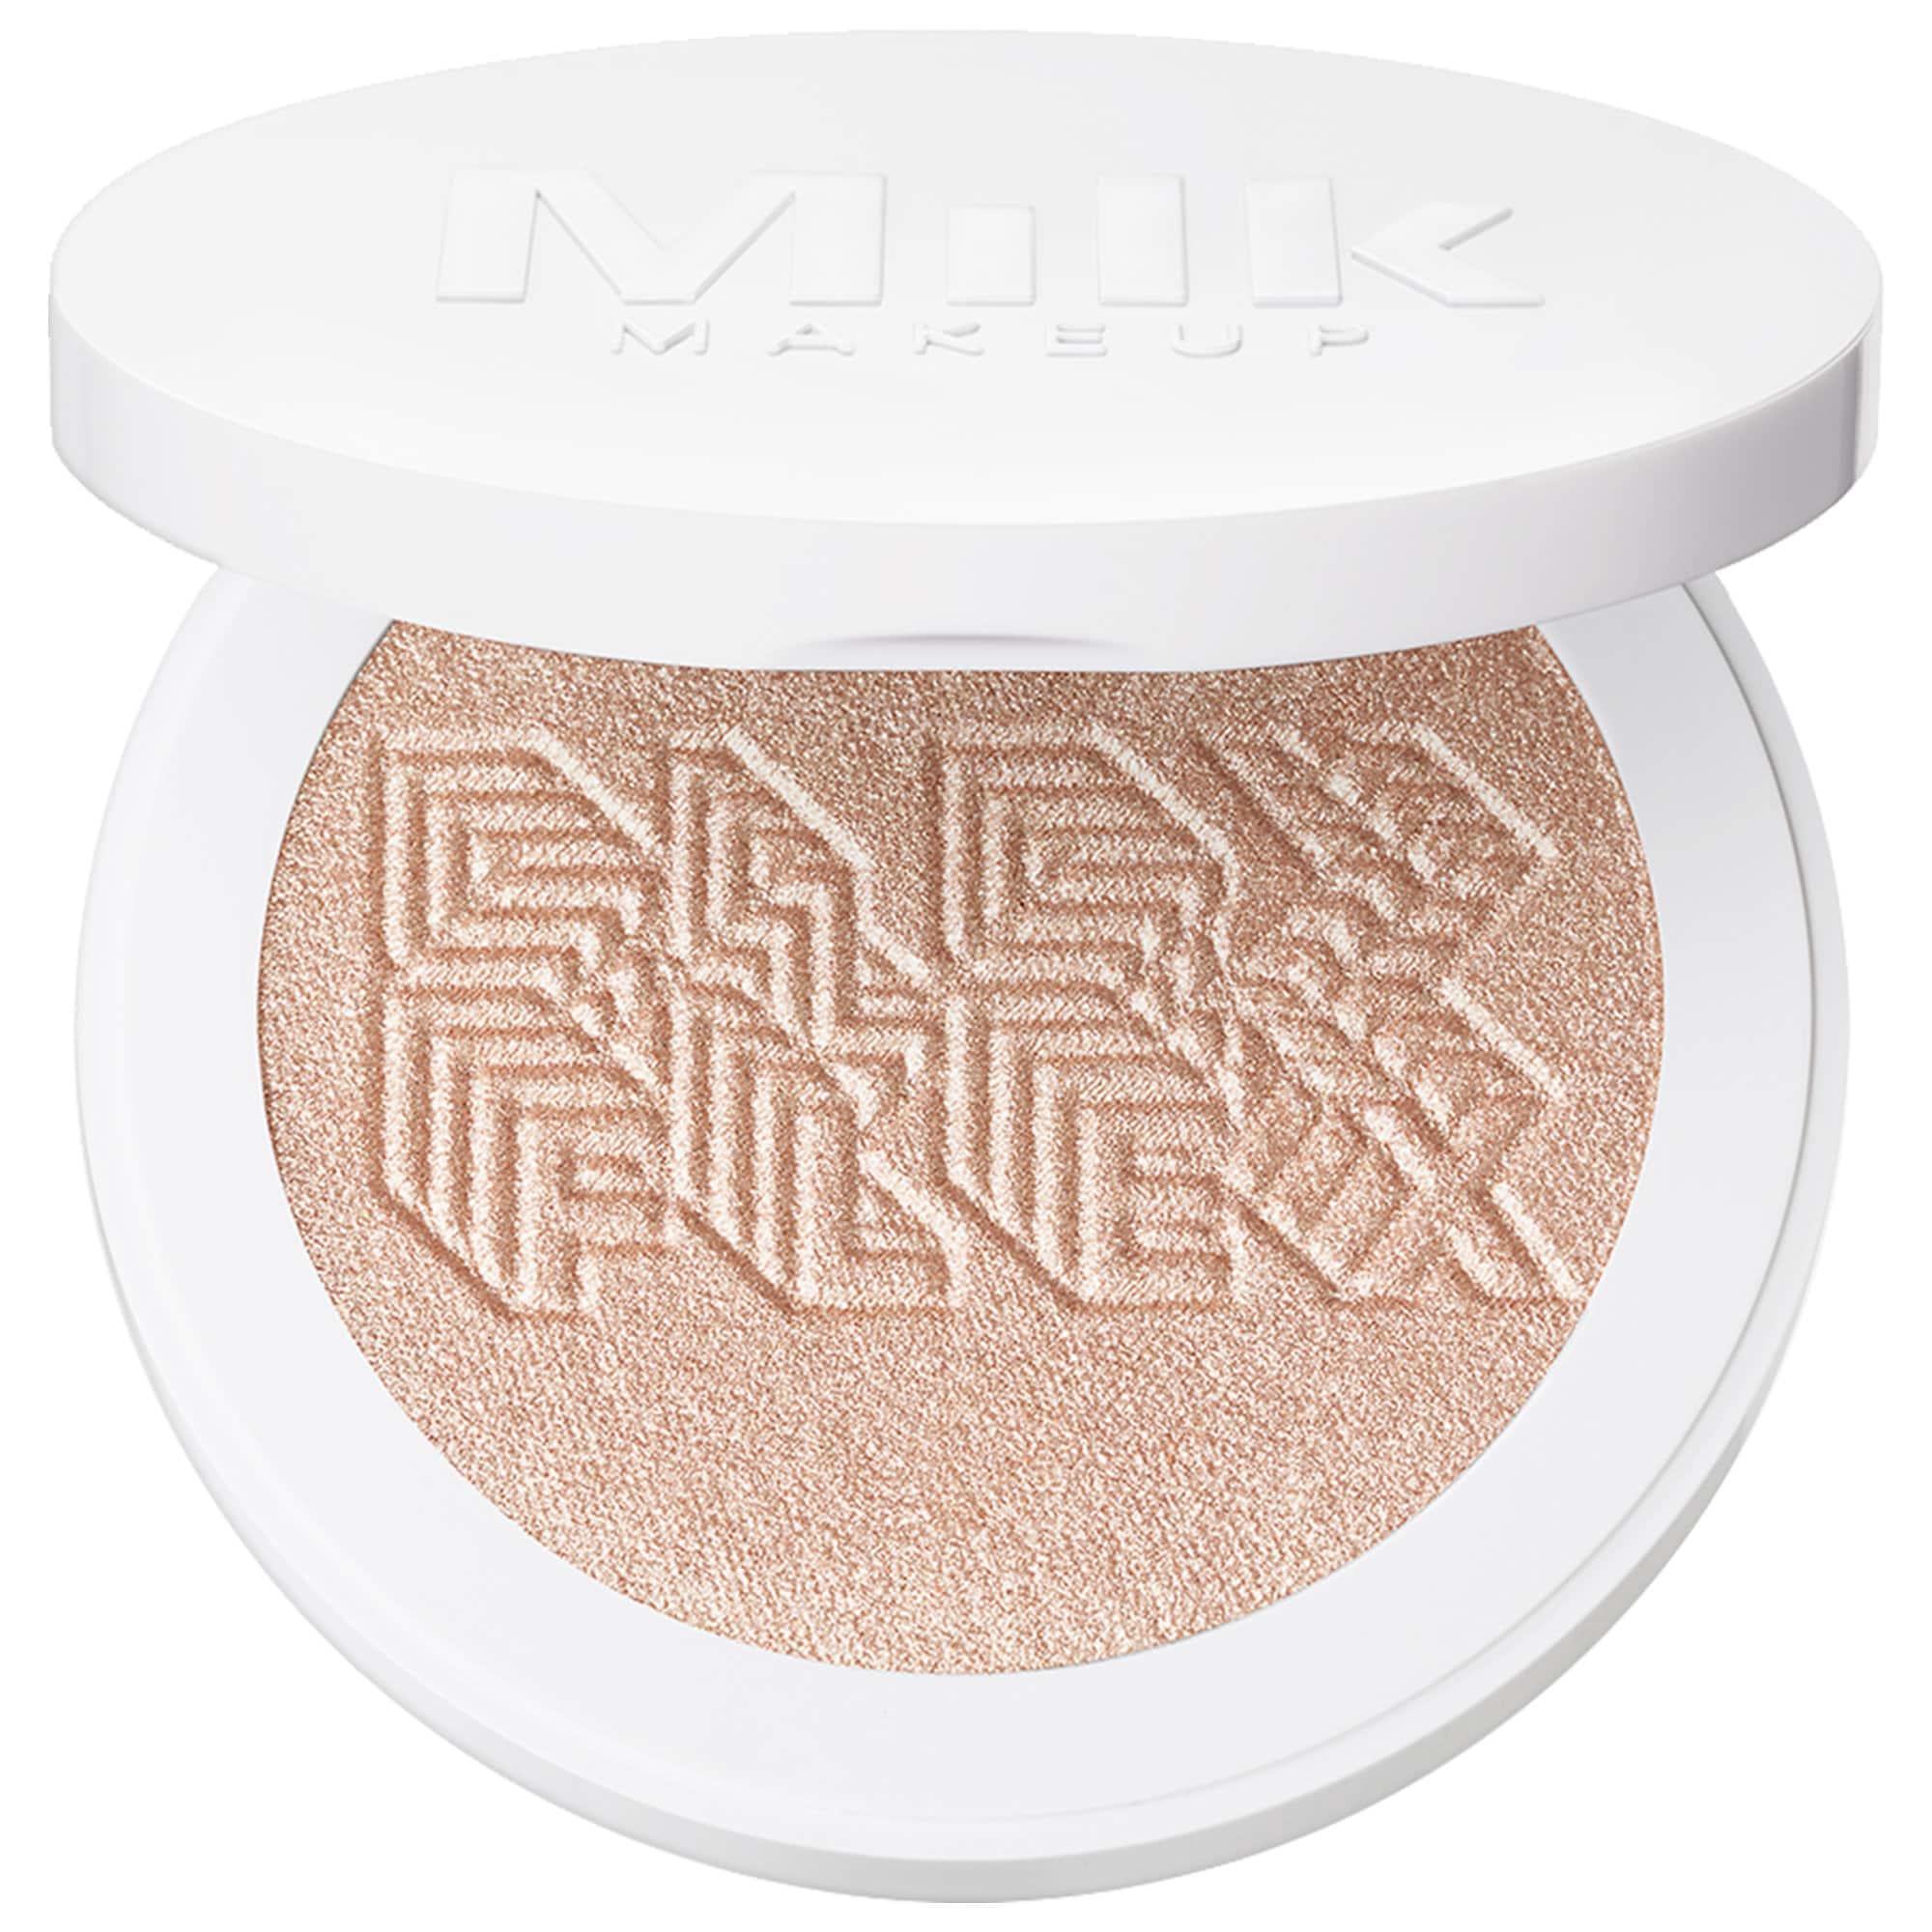 Milk Makeup Flex Highlighter Lit